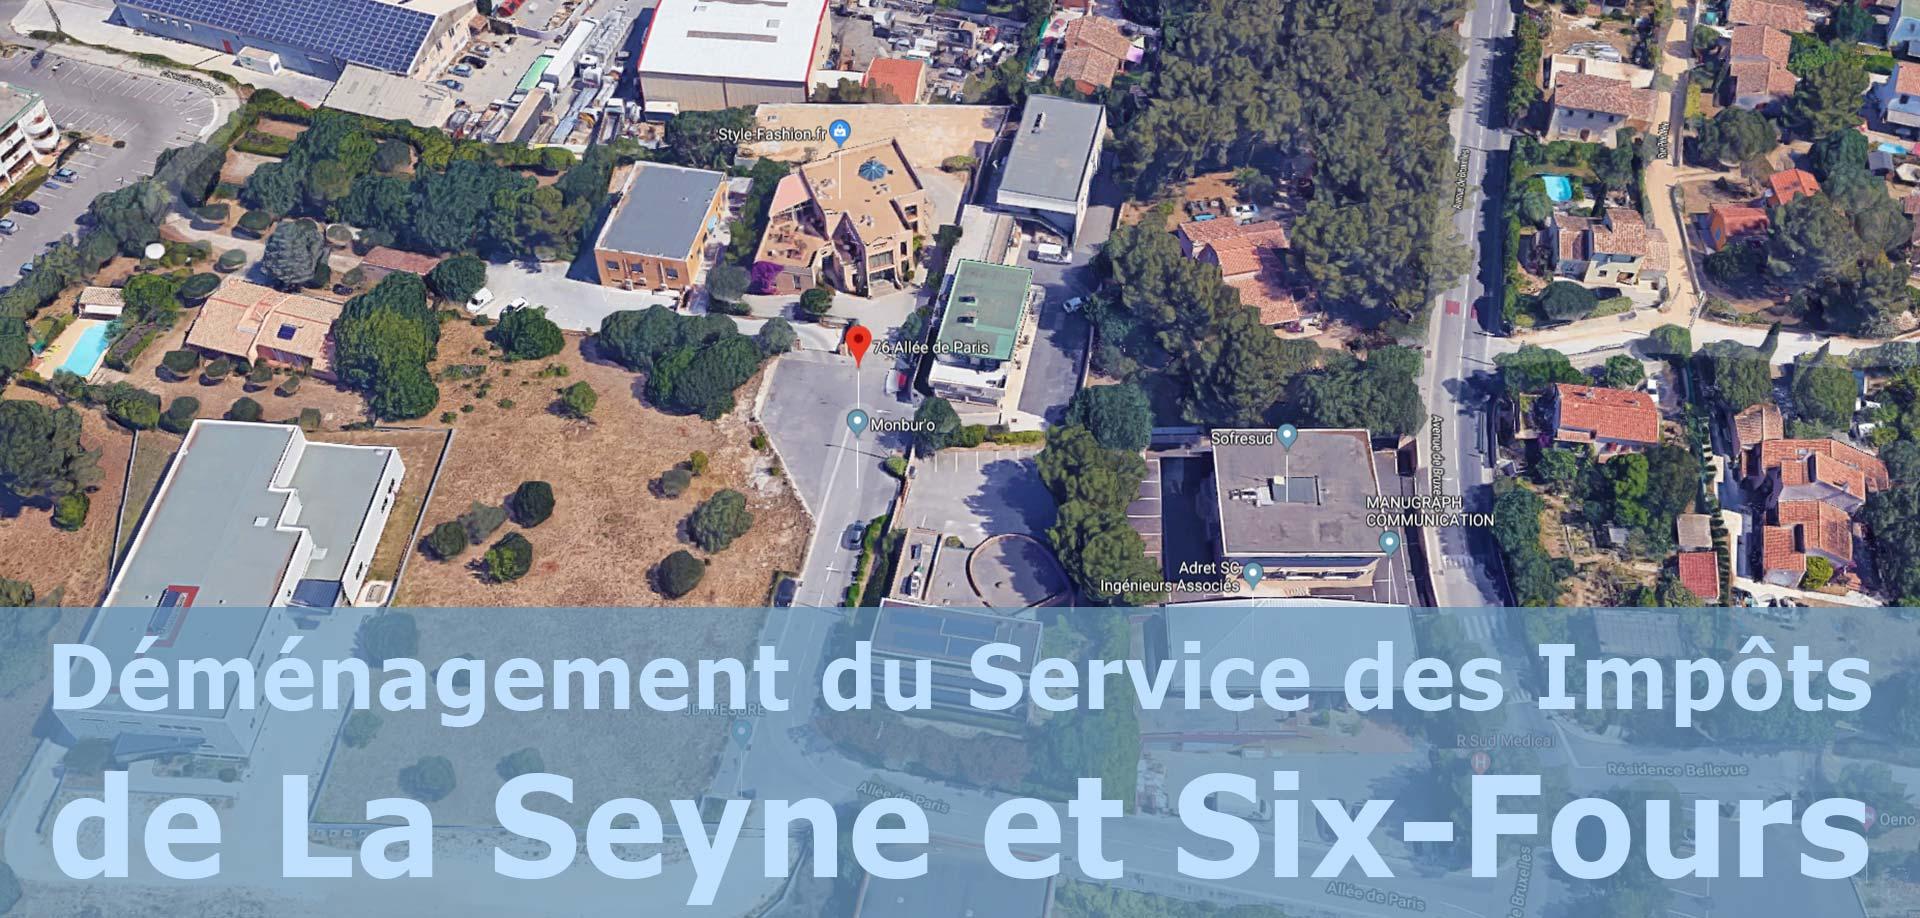 Laseyne Info Demenagement Du Service Des Impots De La Seyne Et Six